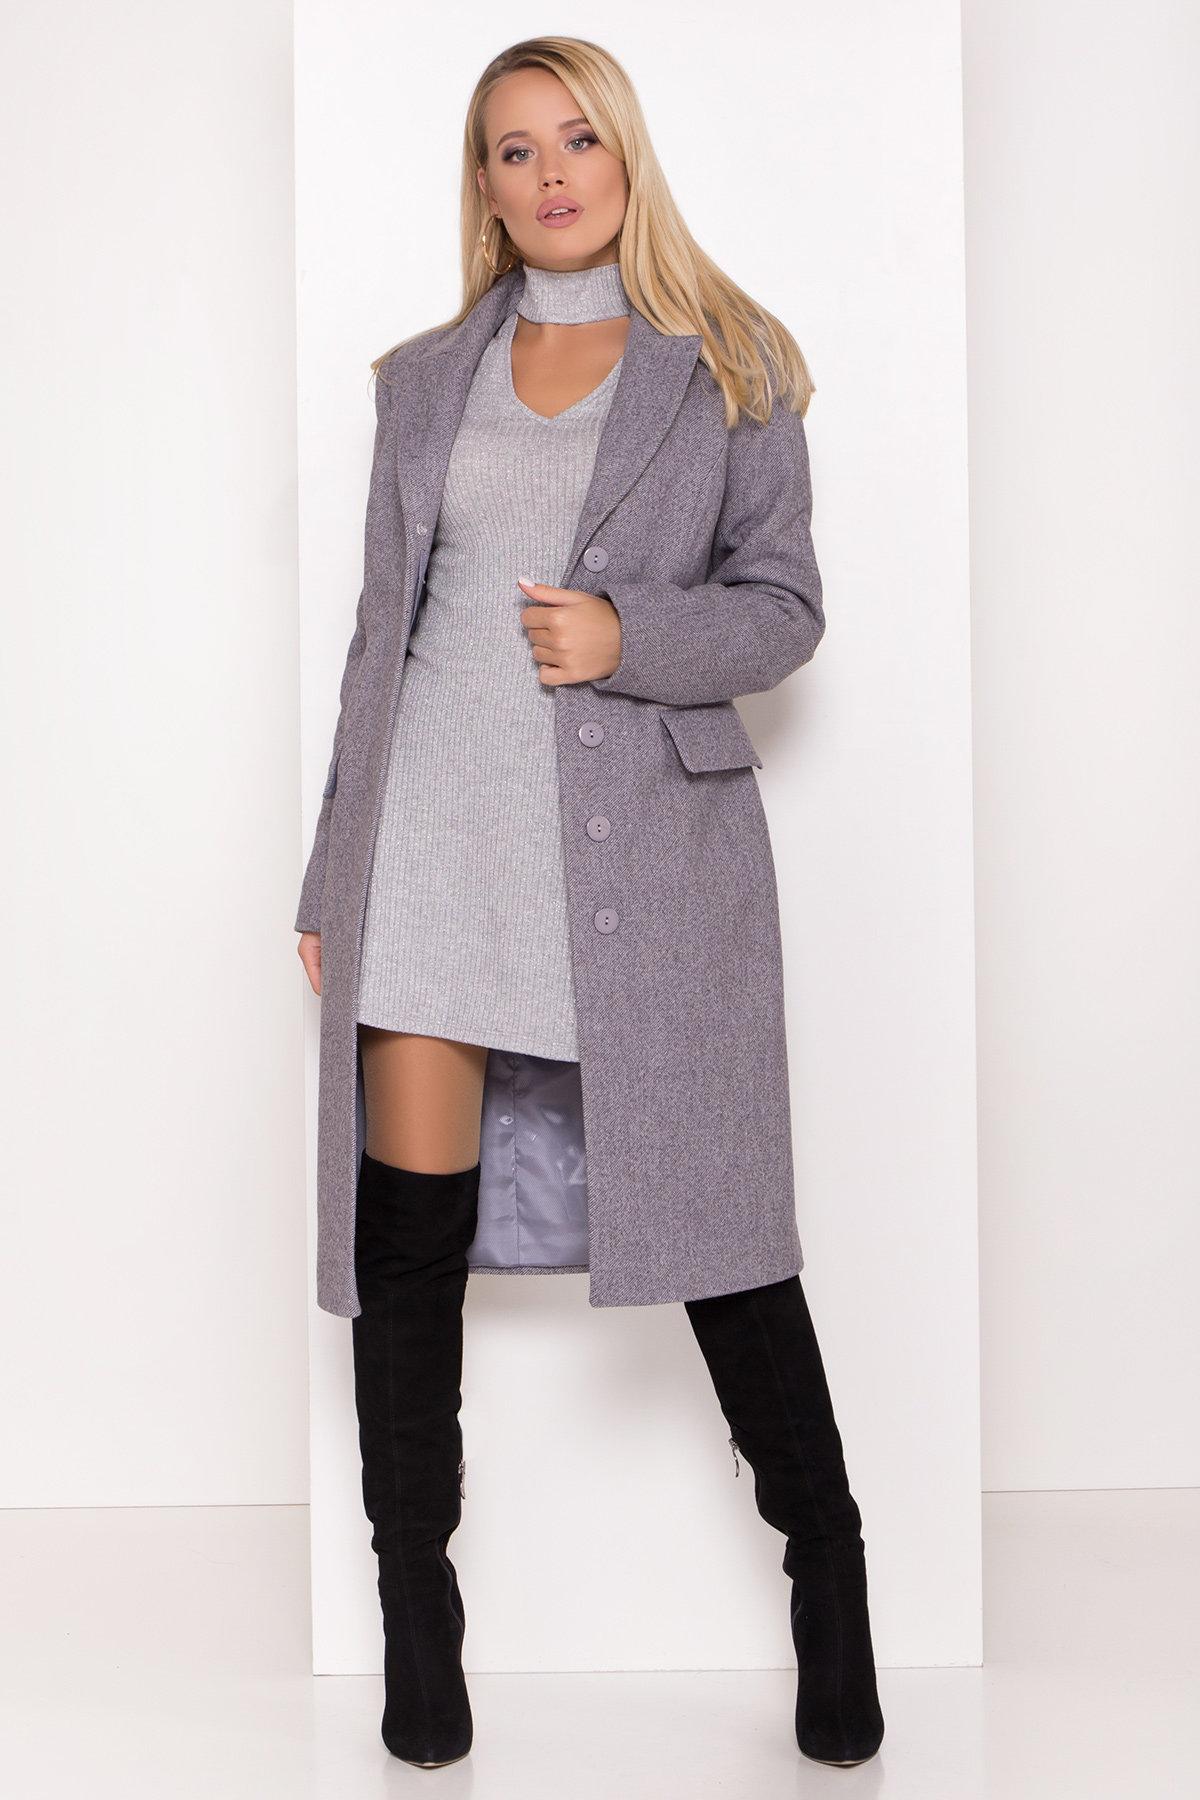 Полуприталенное зимнее пальто с отложным воротником Лабио 8182 АРТ. 44189 Цвет: Серый 2 - фото 1, интернет магазин tm-modus.ru